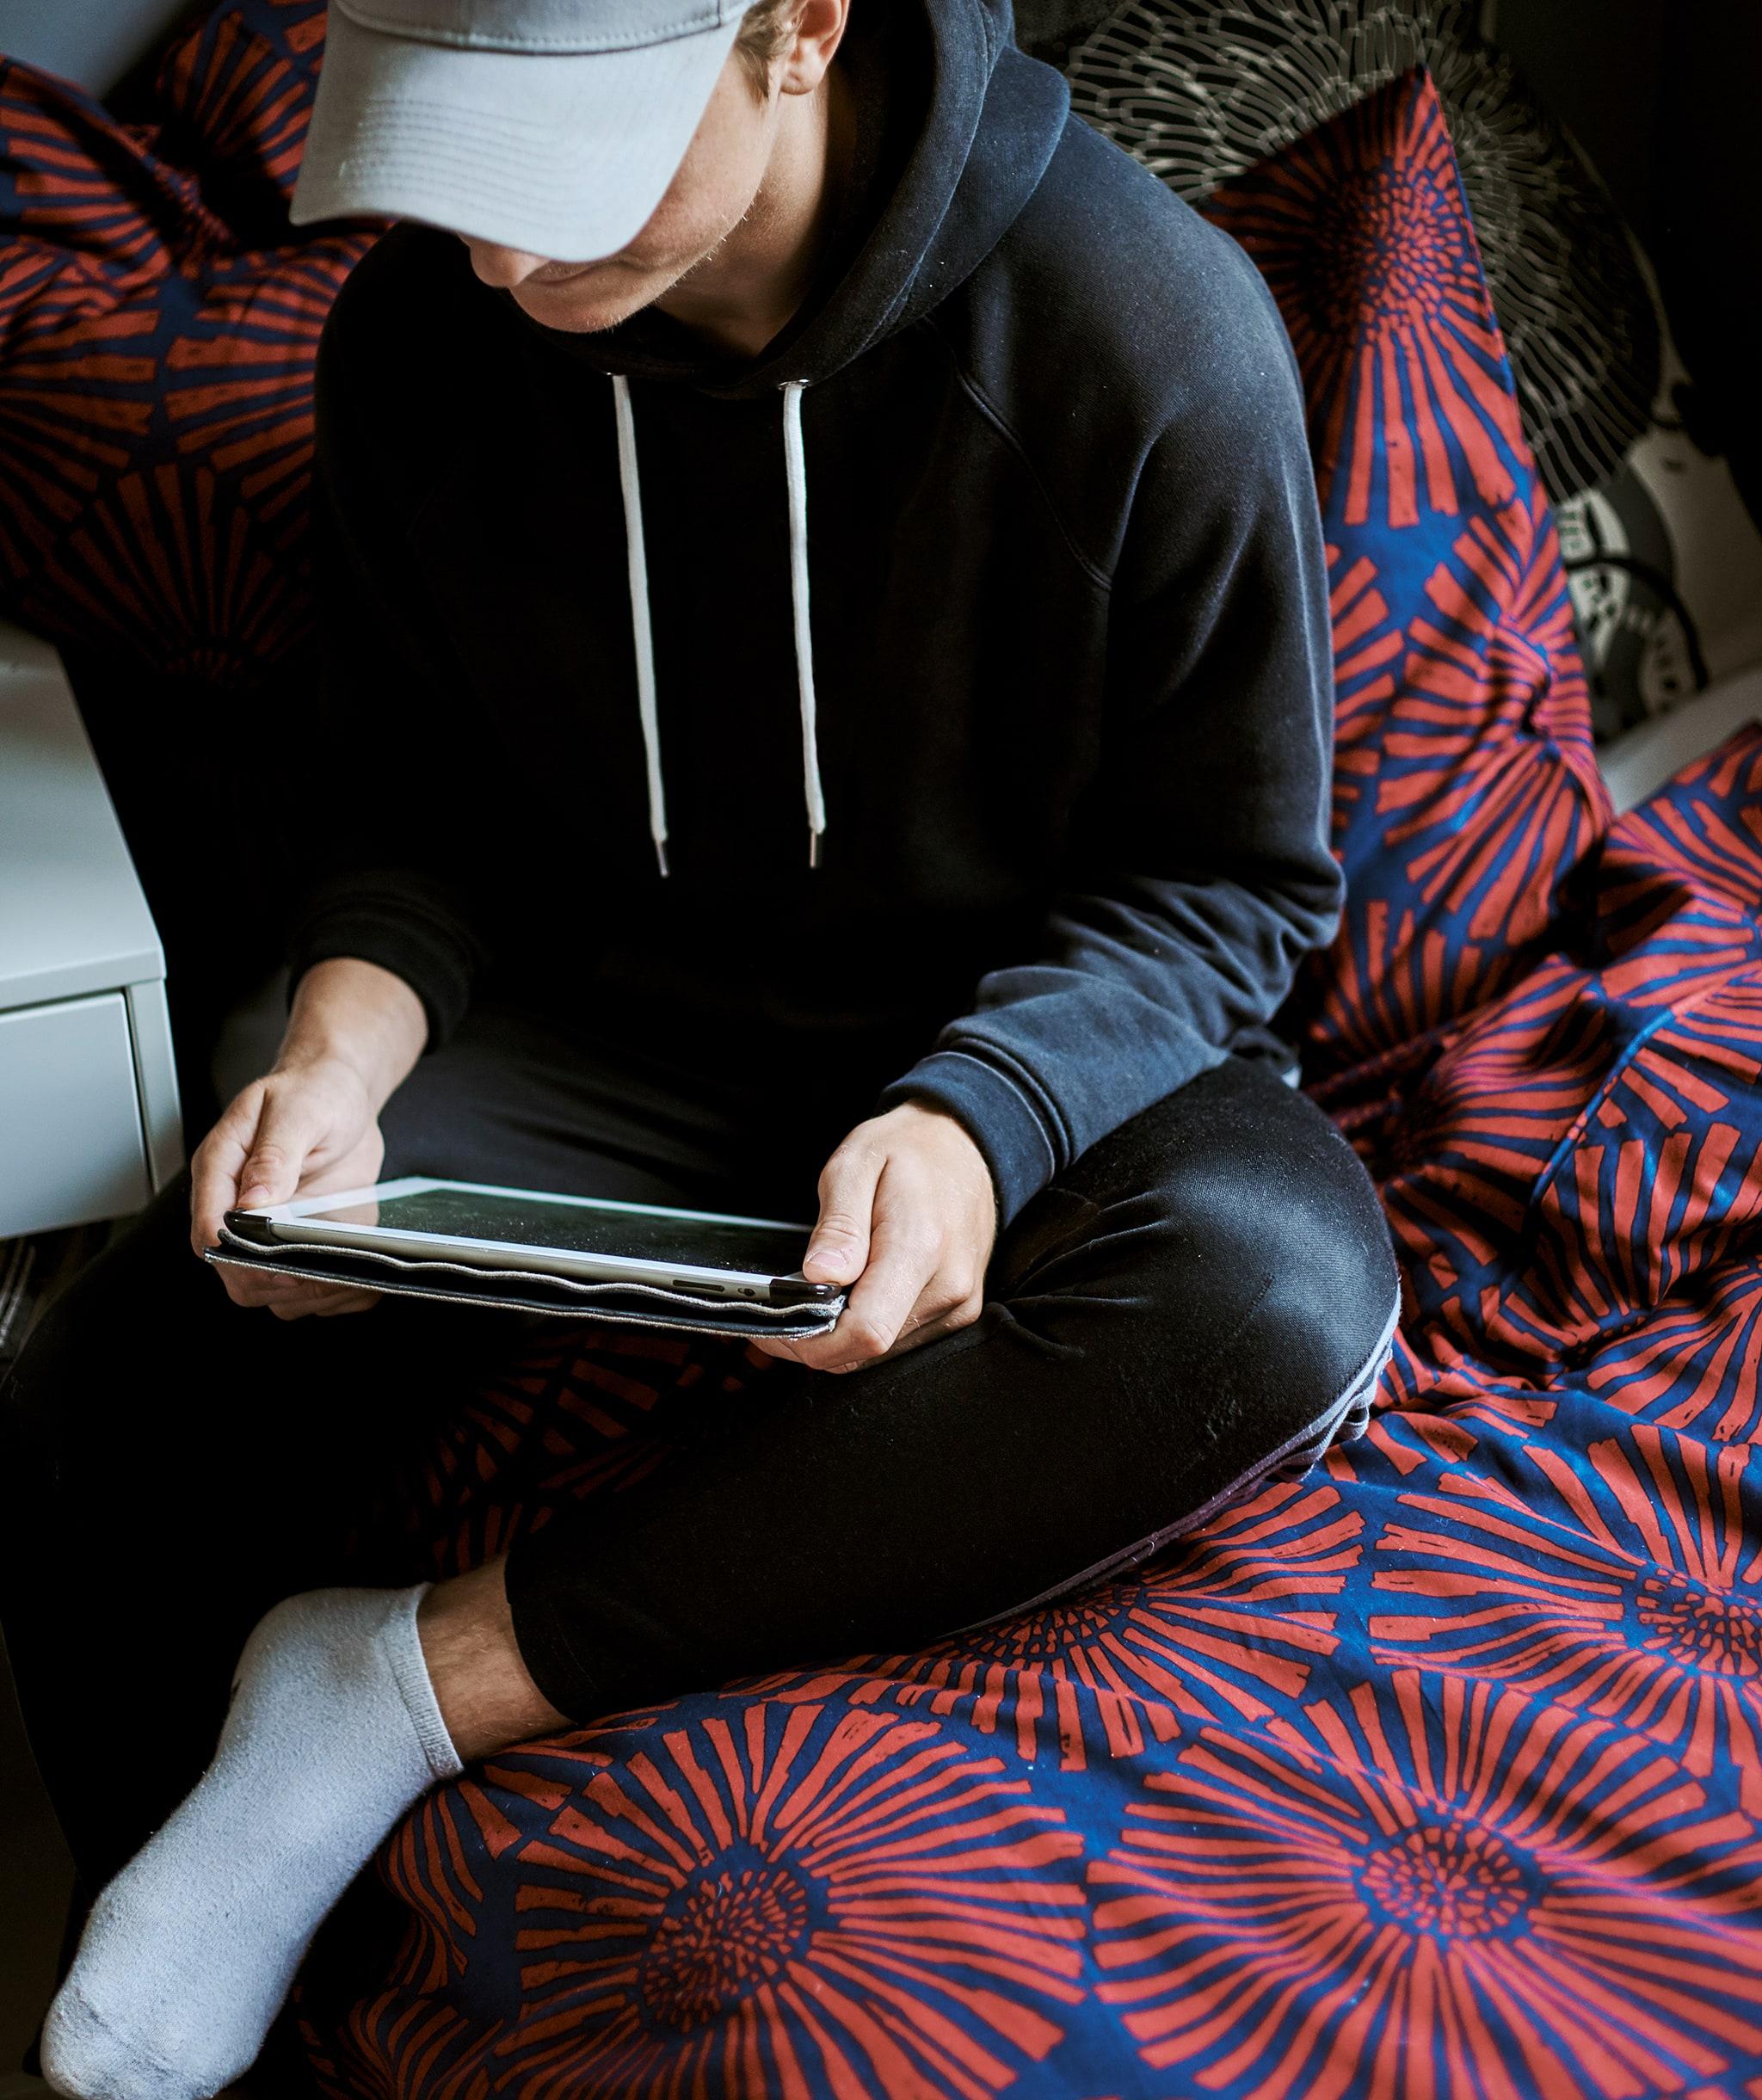 Seorang anak laki-laki mengenakan topi baseball, bermain tablet duduk di tempat tidur dengan selimut bergambar grafik print berwarna merah dan biru.